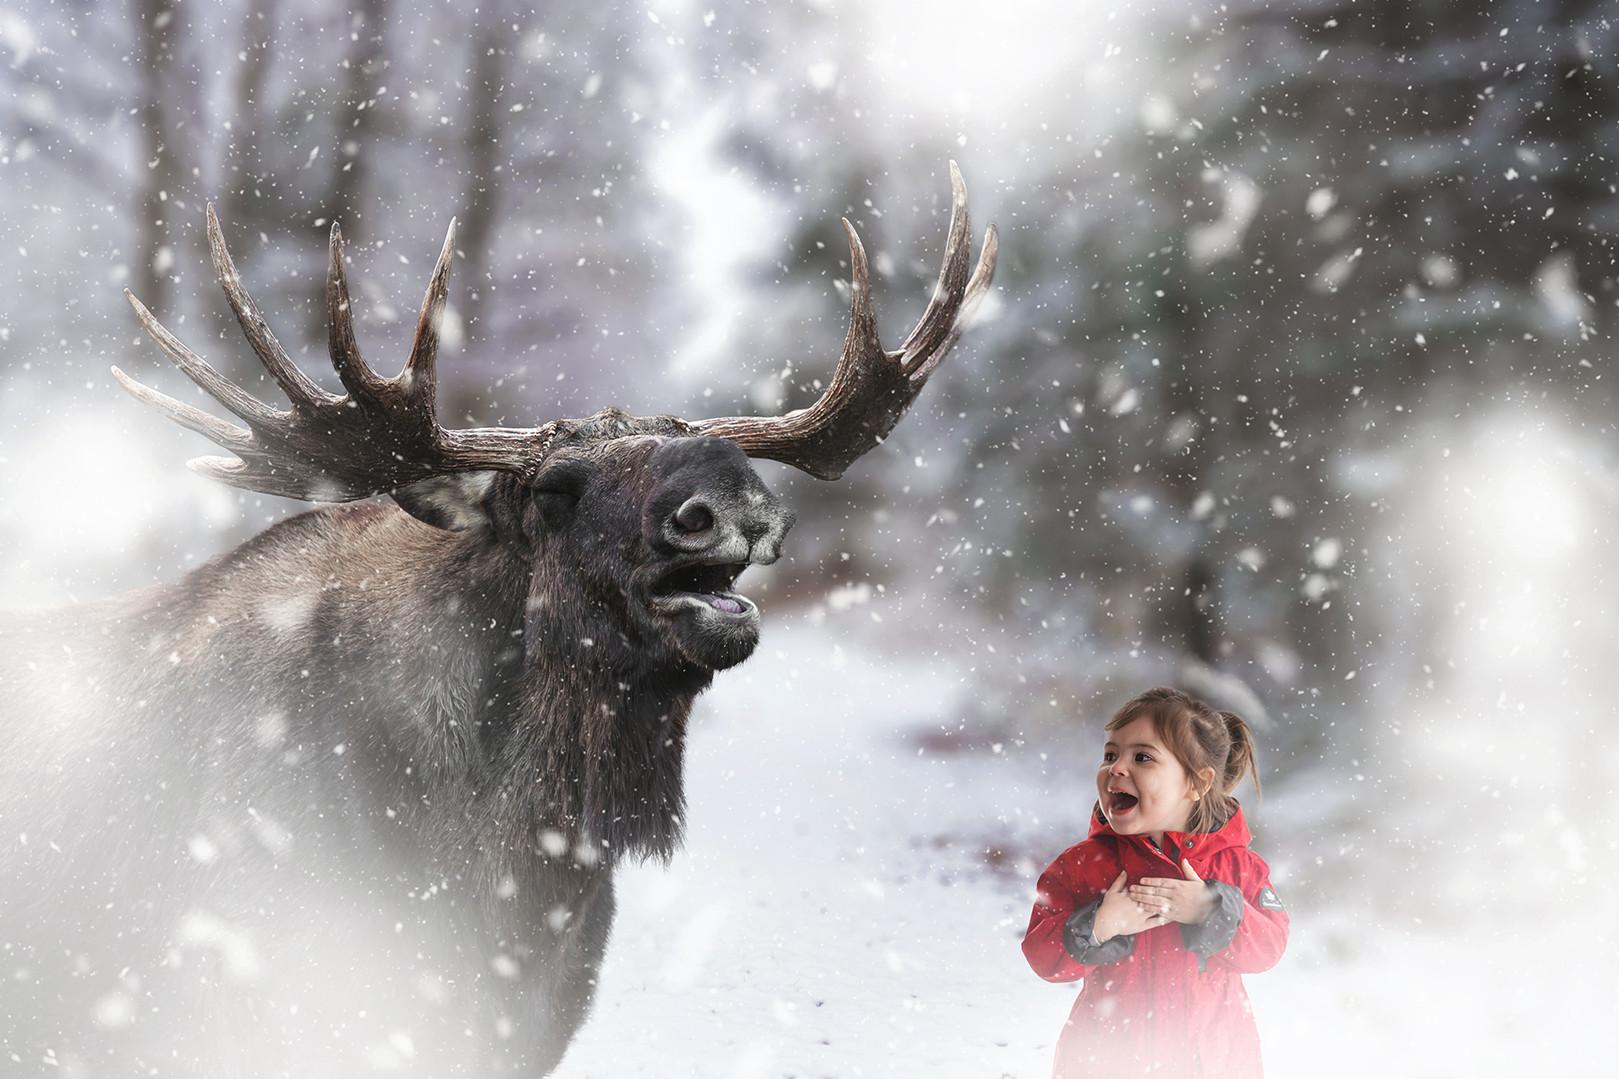 girl and moose muskoka art